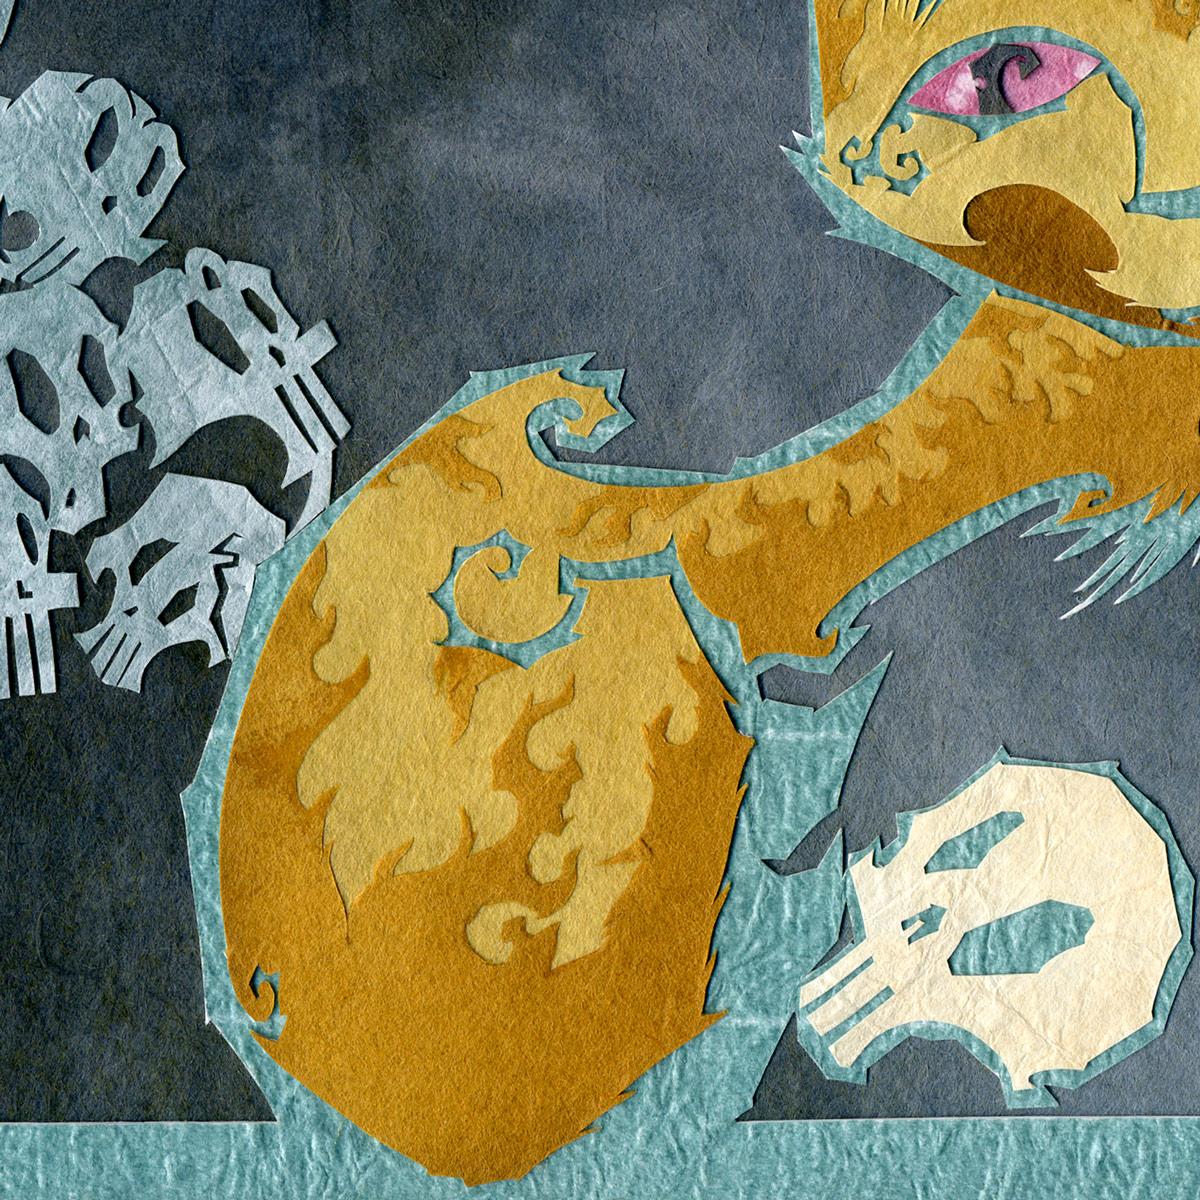 Fierce Nekomata and the Skull of Goemon